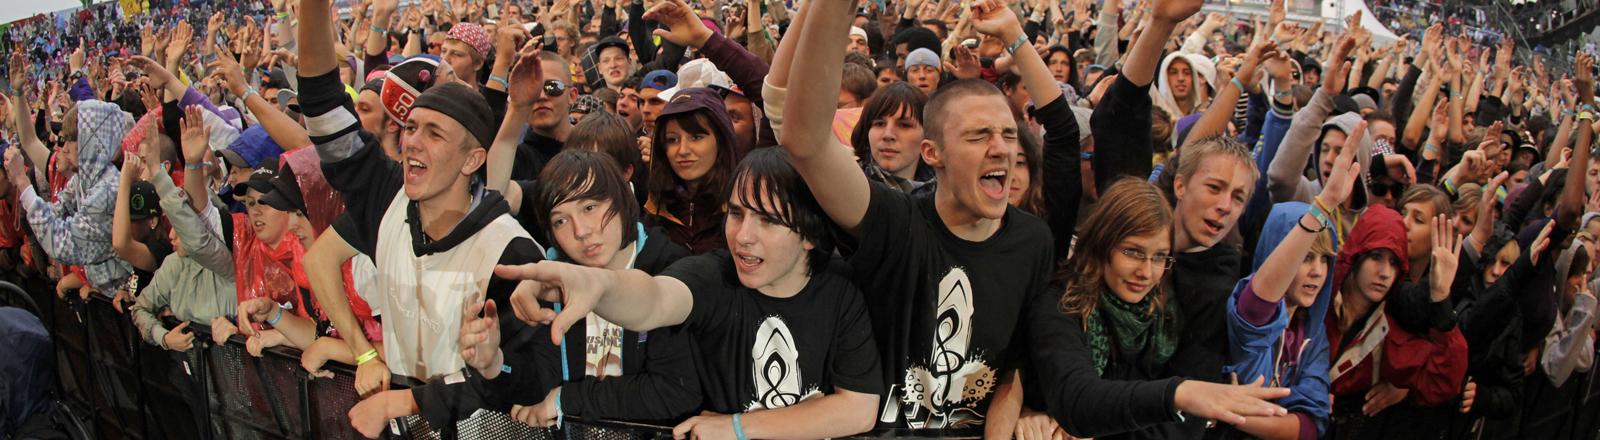 """Besucher des HipHop- und Reggae-Festivals """"Splash!"""" stehen am Samstag (11.07.2009) in der Baggersstadt Ferropolis"""